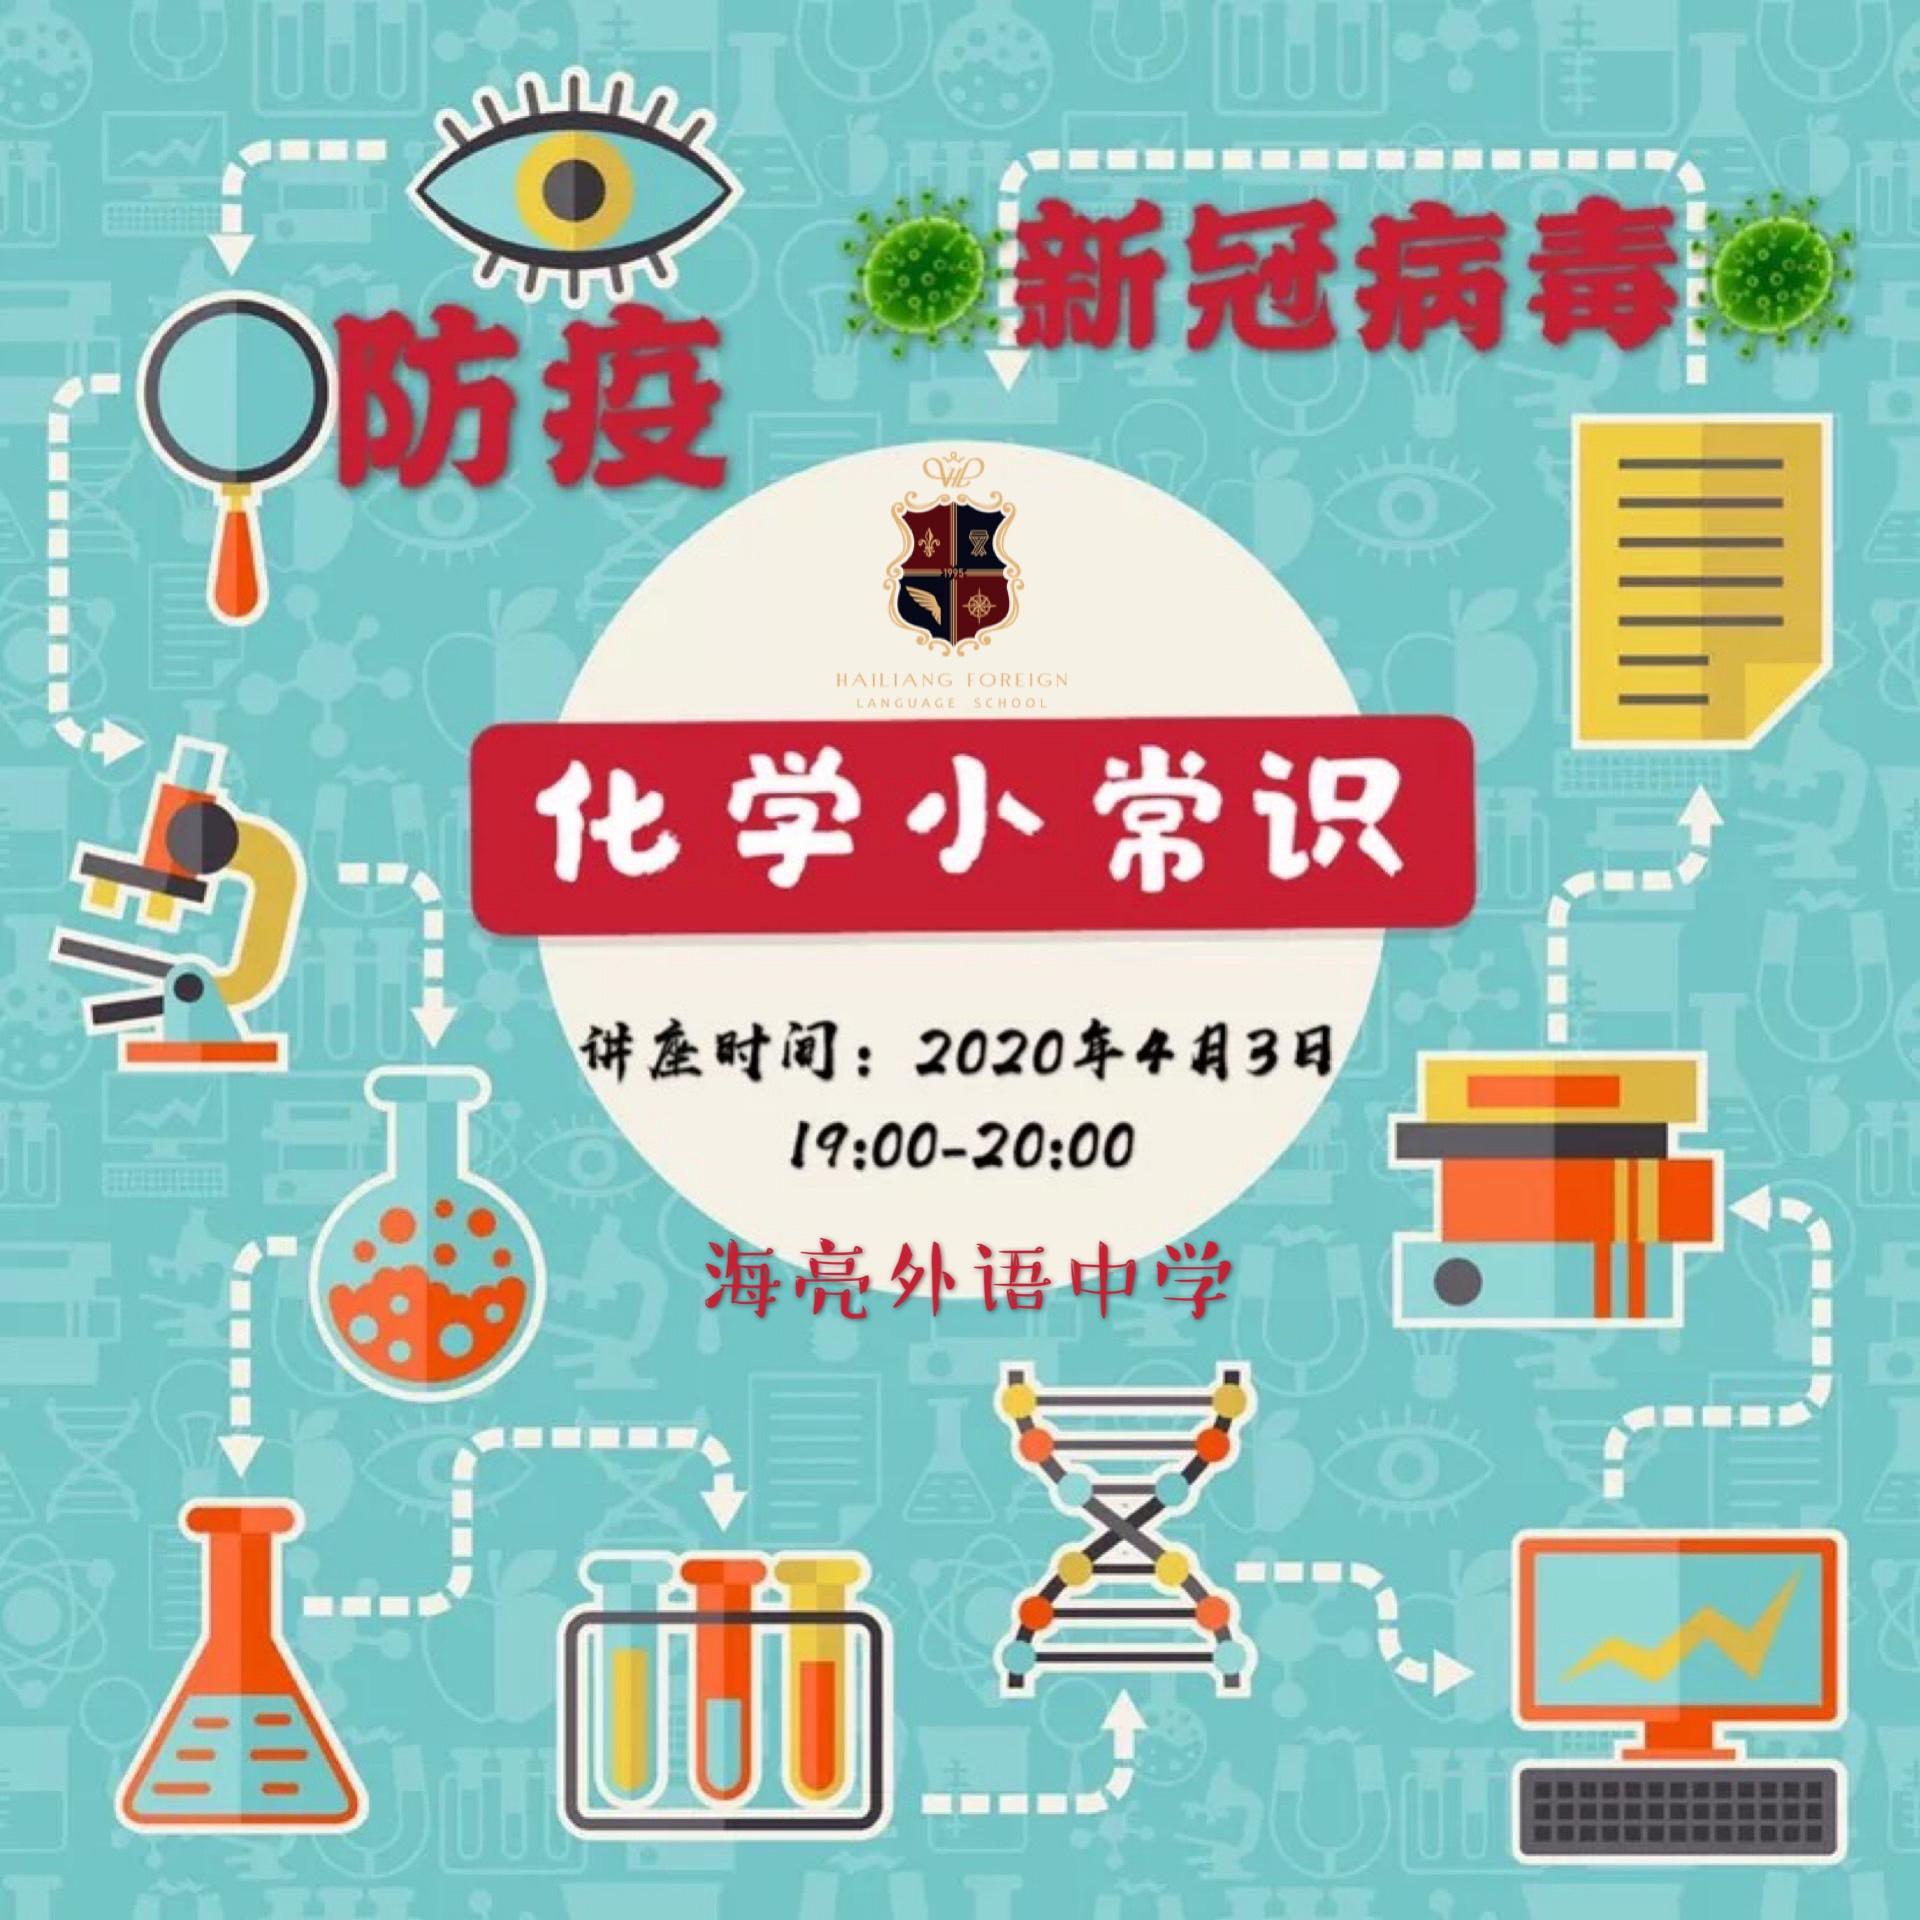 《新冠病毒防疫中的化学小常识》系列活动之线上讲座